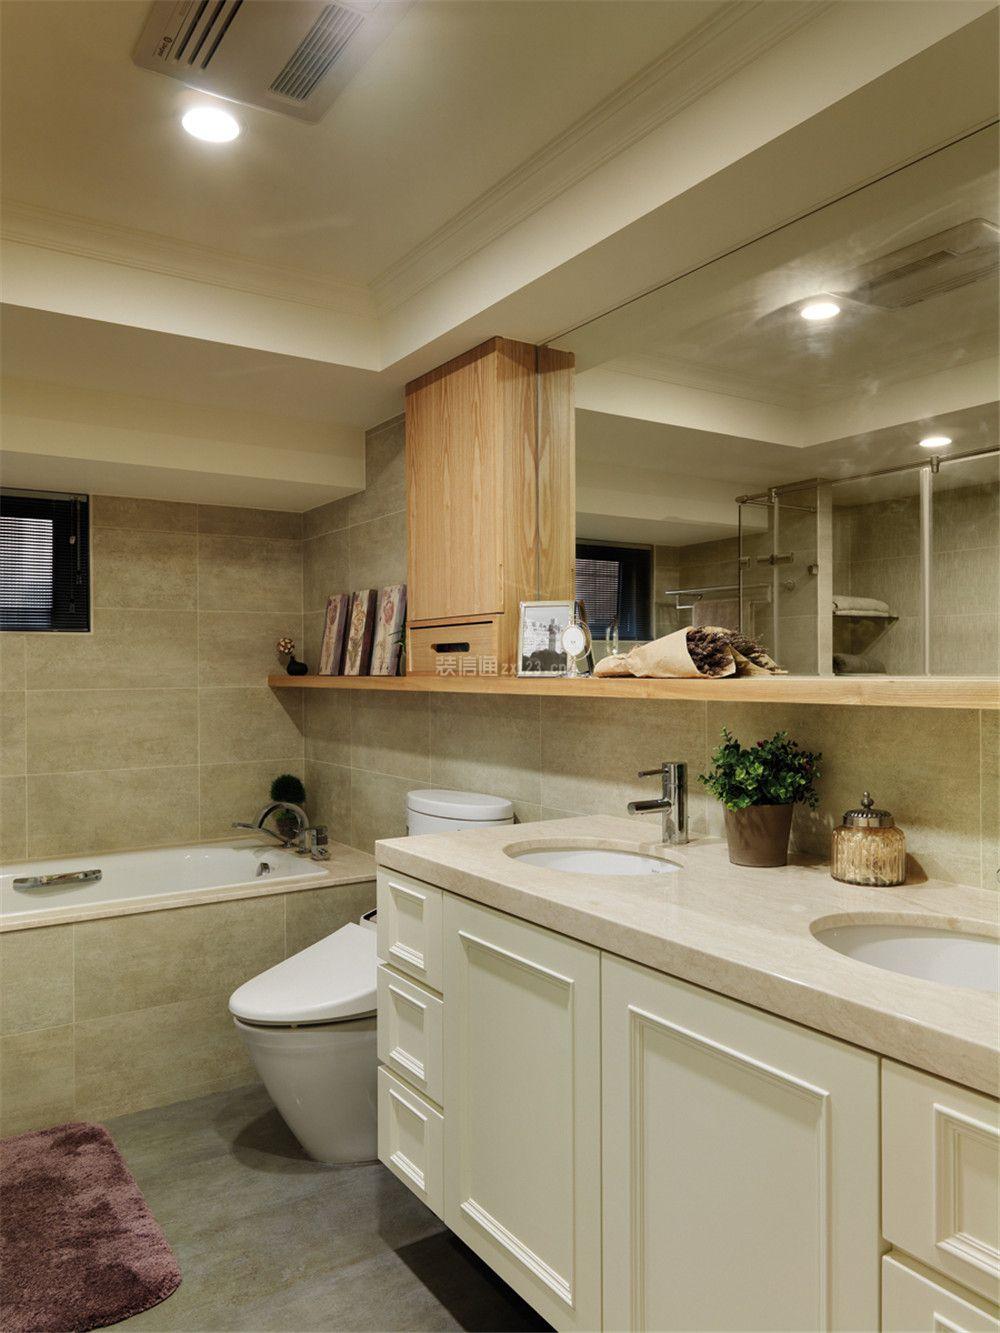 美式复古风格卫生间镜子装修效果图大全